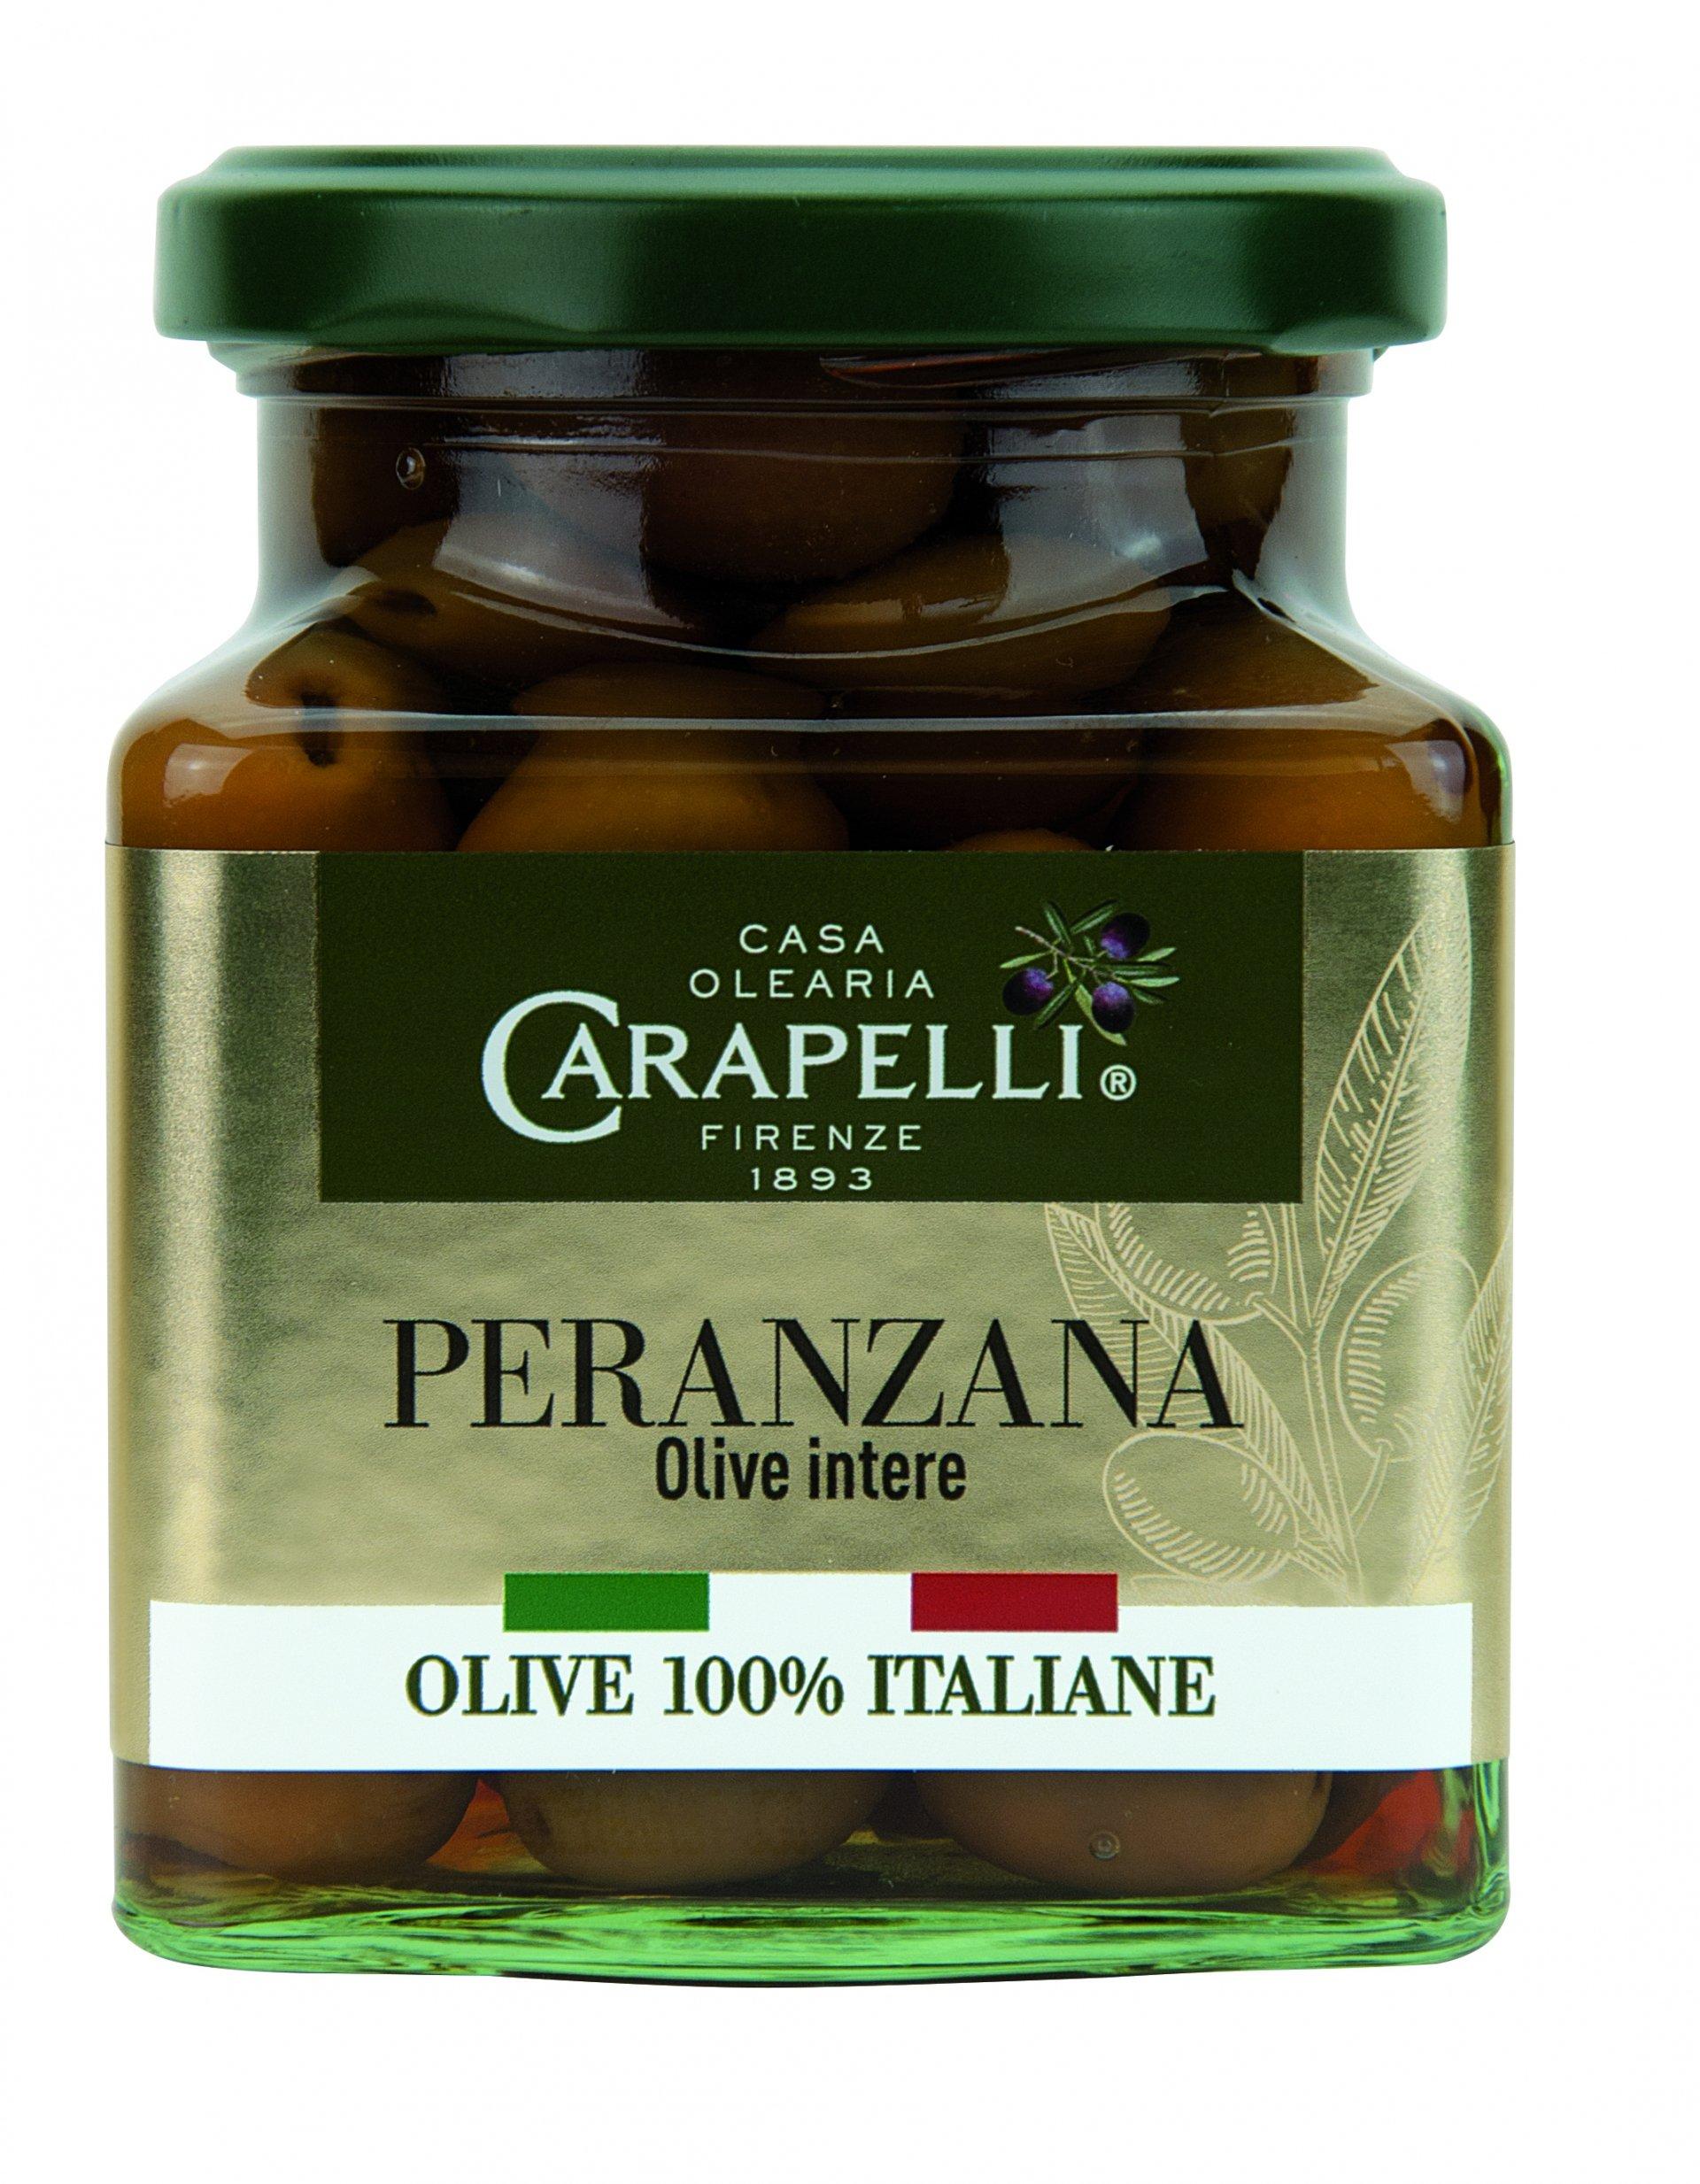 Le olive da tavola a marchio Carapelli